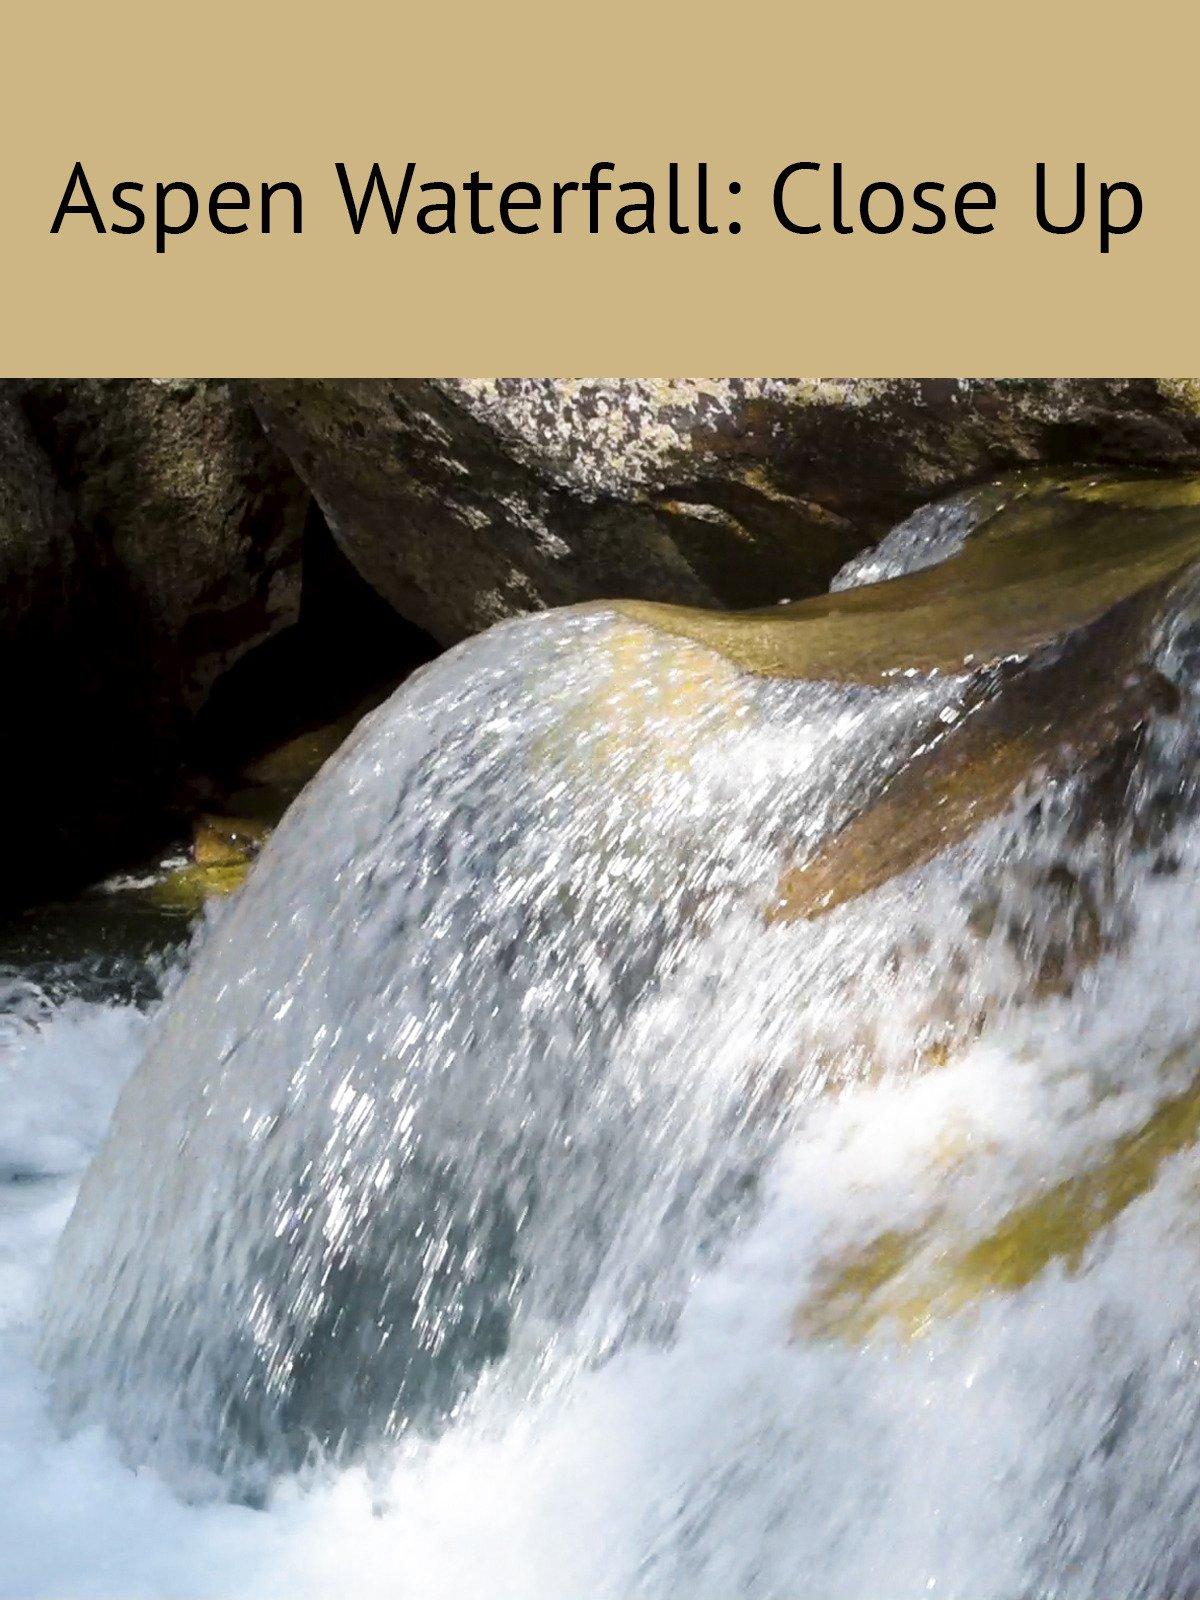 Aspen Waterfall